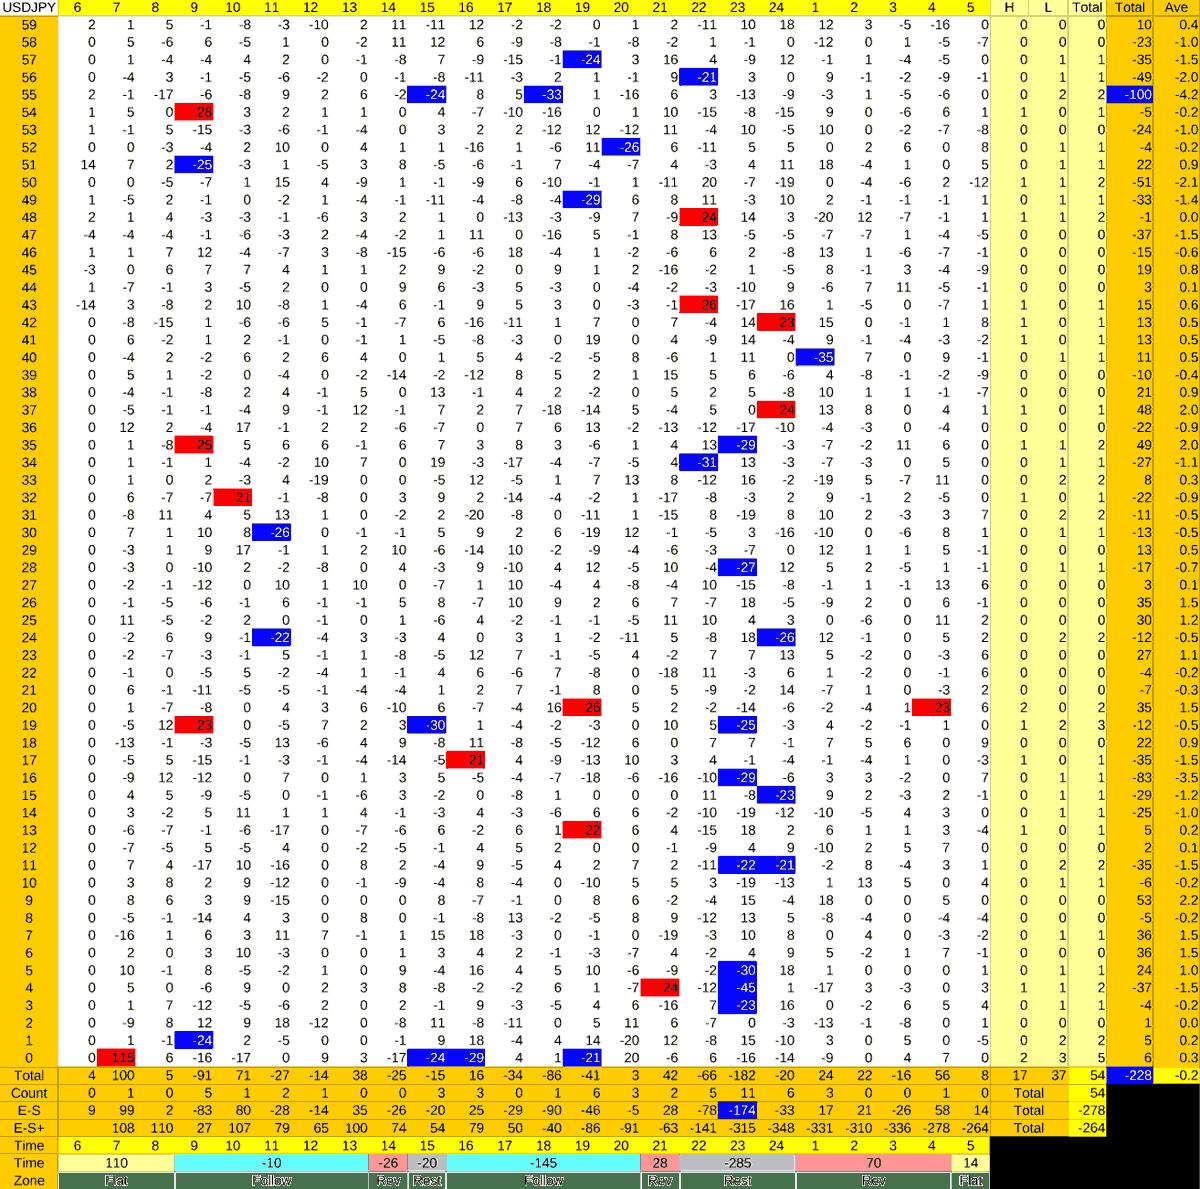 20210802_HS(1)USDJPY-min